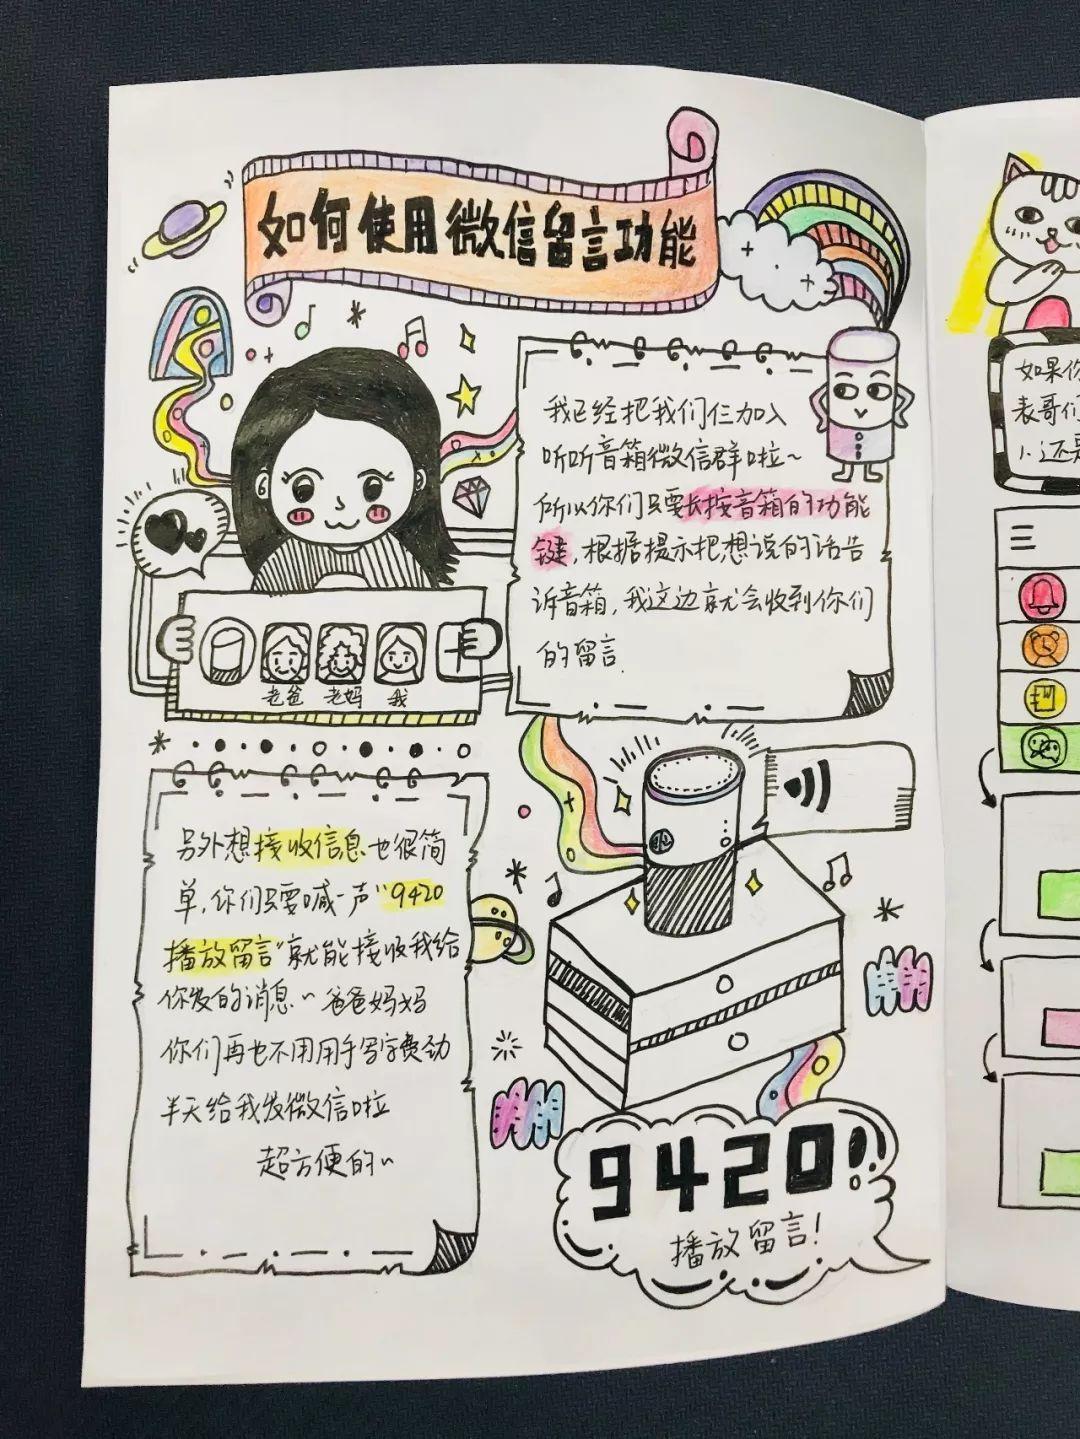 10 页智能音箱手绘教程,听听女儿爱的表白